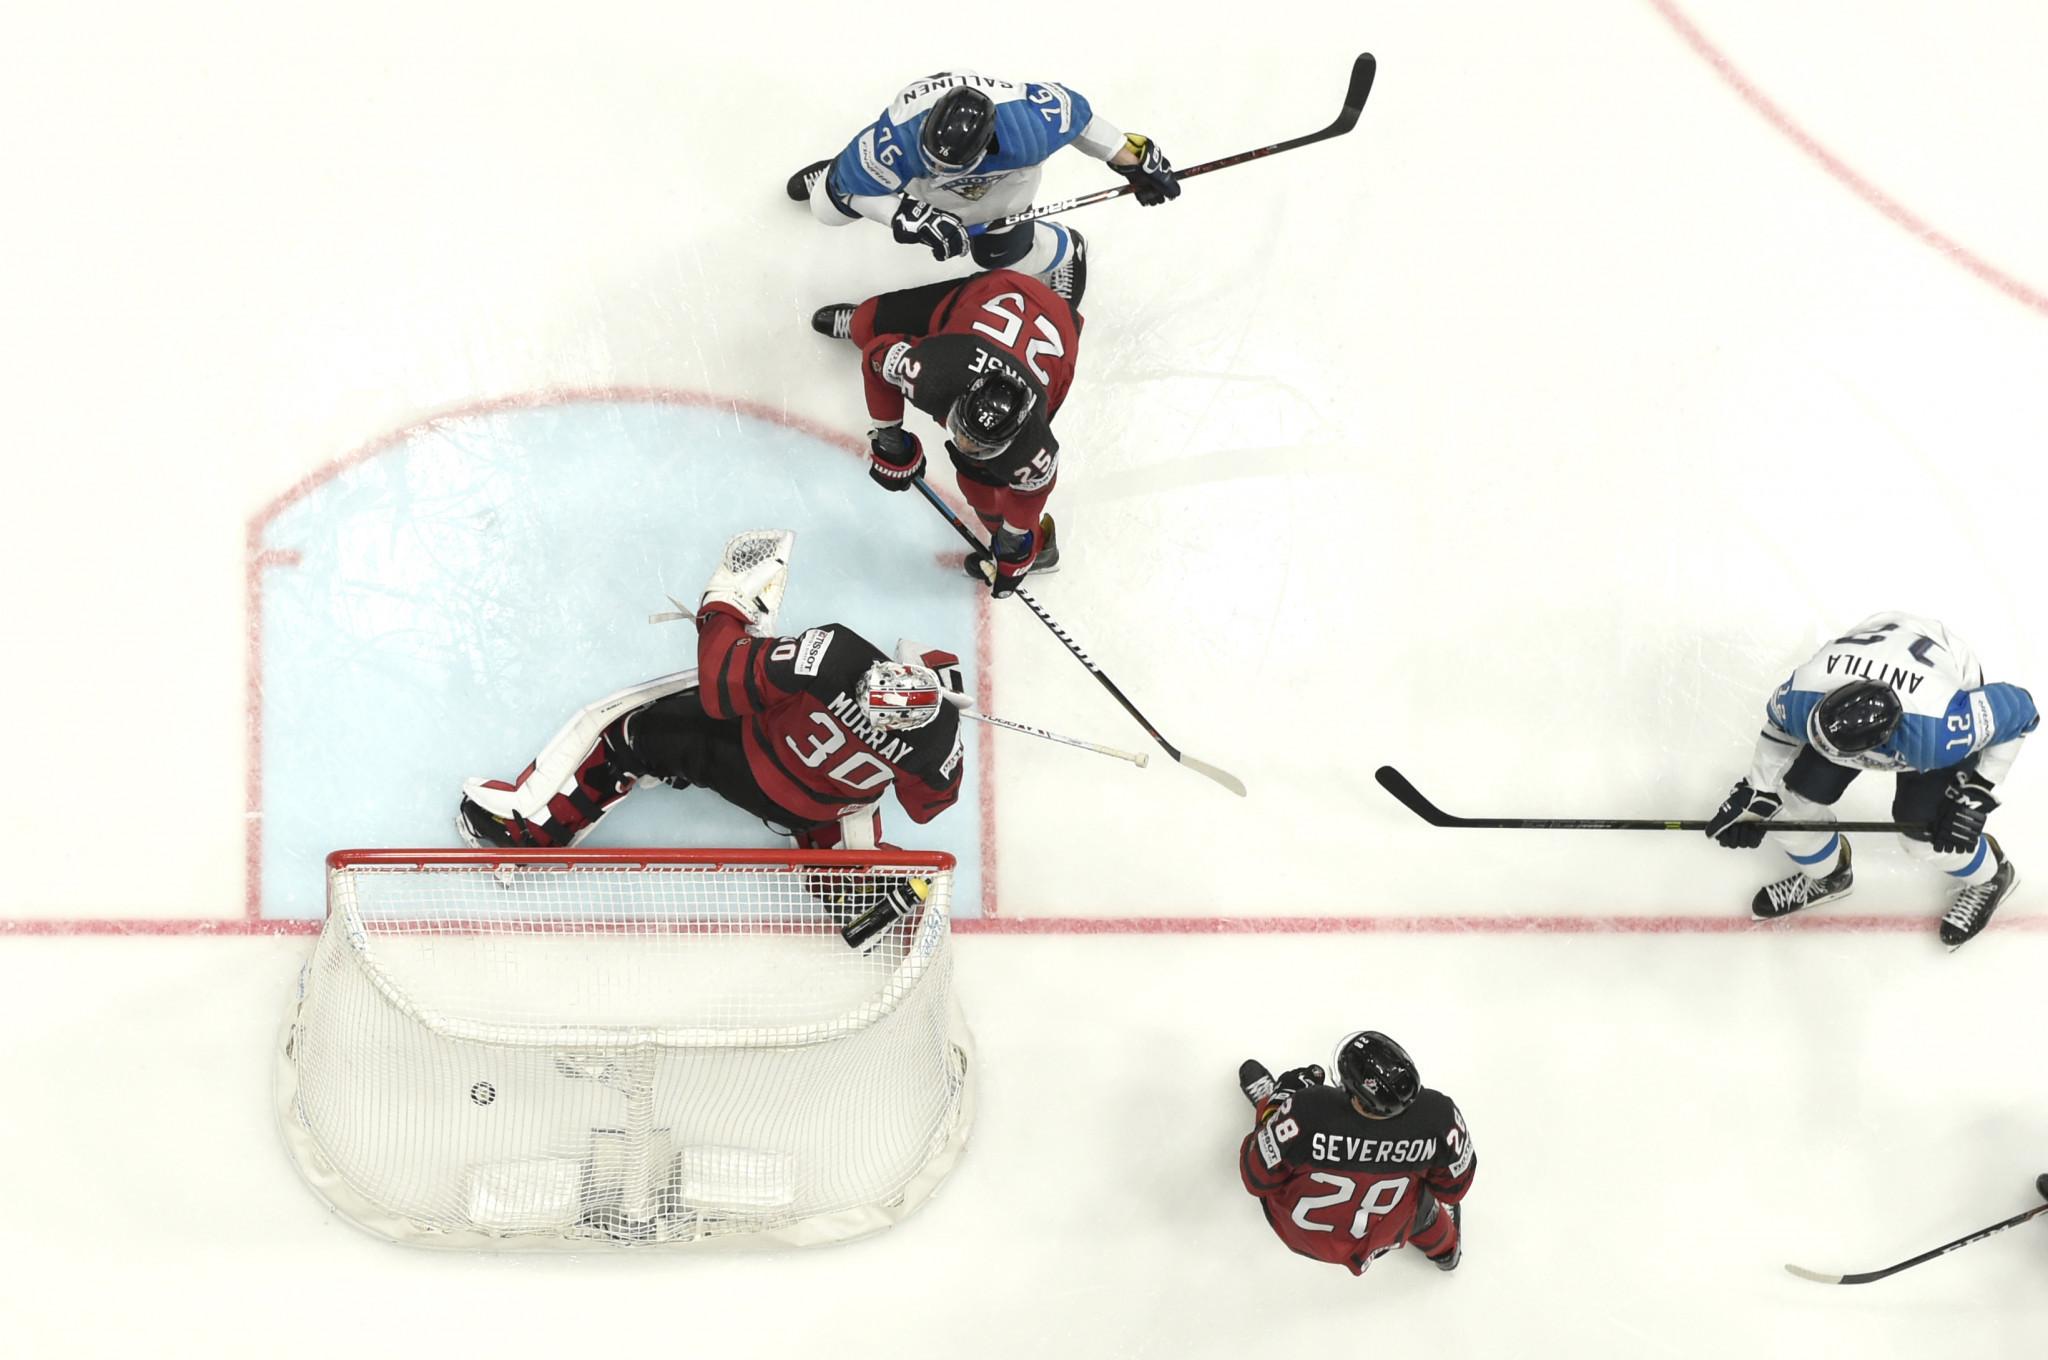 Die Ankündigung des Sponsoring-Vertrags von IIHF mit Crypto.com erfolgt vor der diesjährigen Weltmeisterschaft, die am Freitag eröffnet wird. © Getty Images